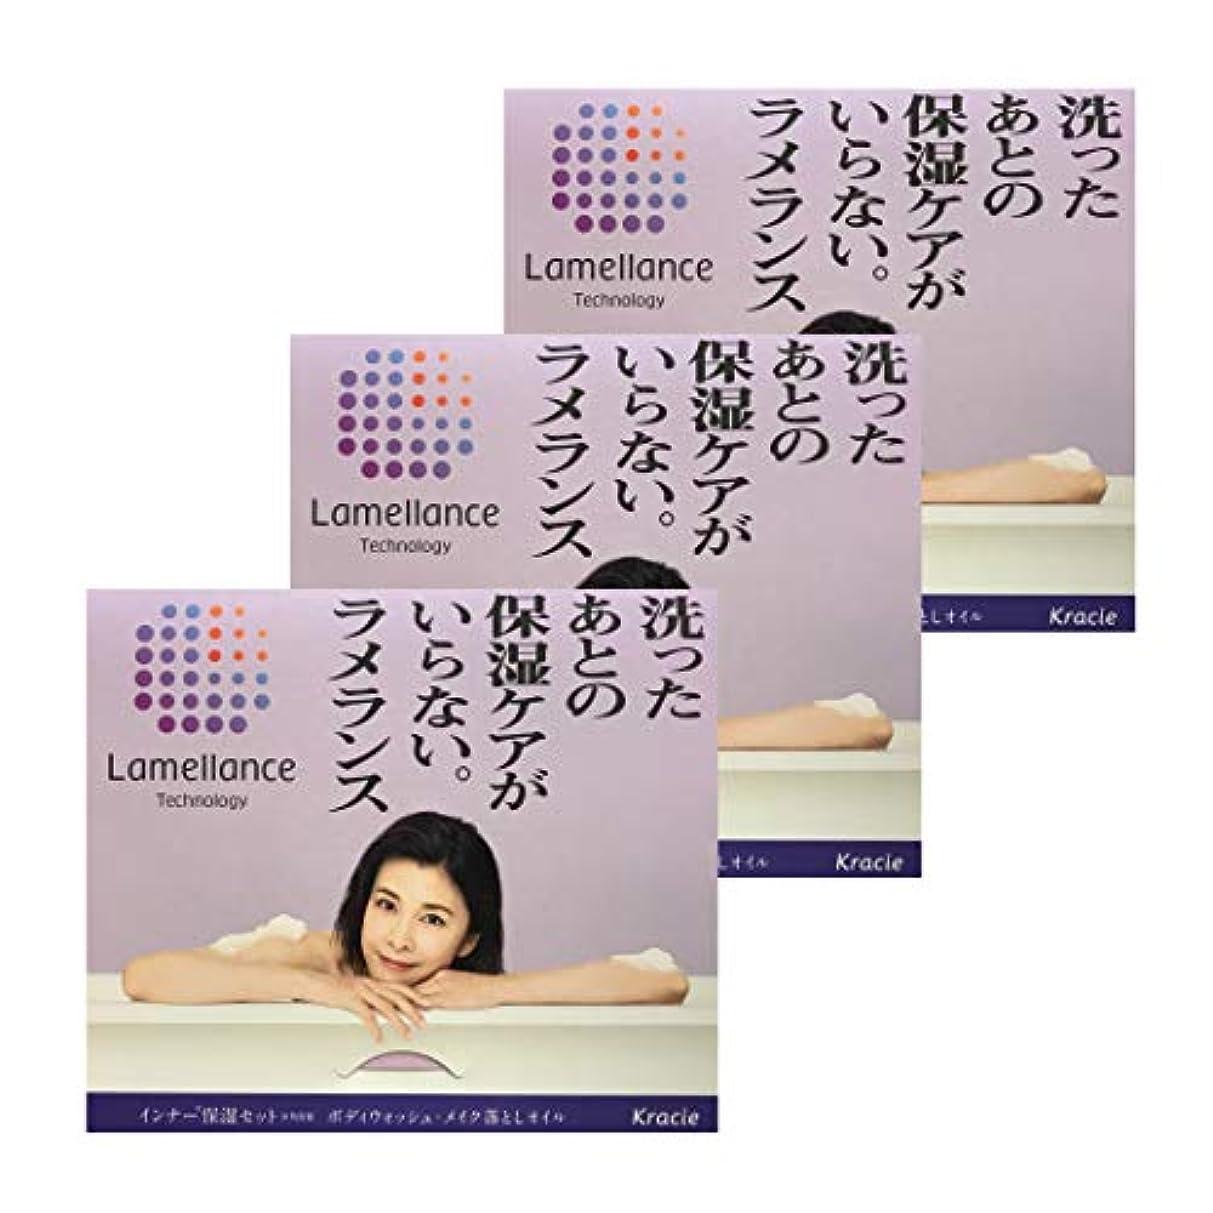 絶え間ない愛人拷問ラメランス トラベル用サンプルセット(ボディウォッシュ10ml.クレンジングオイル3ml) (3個)